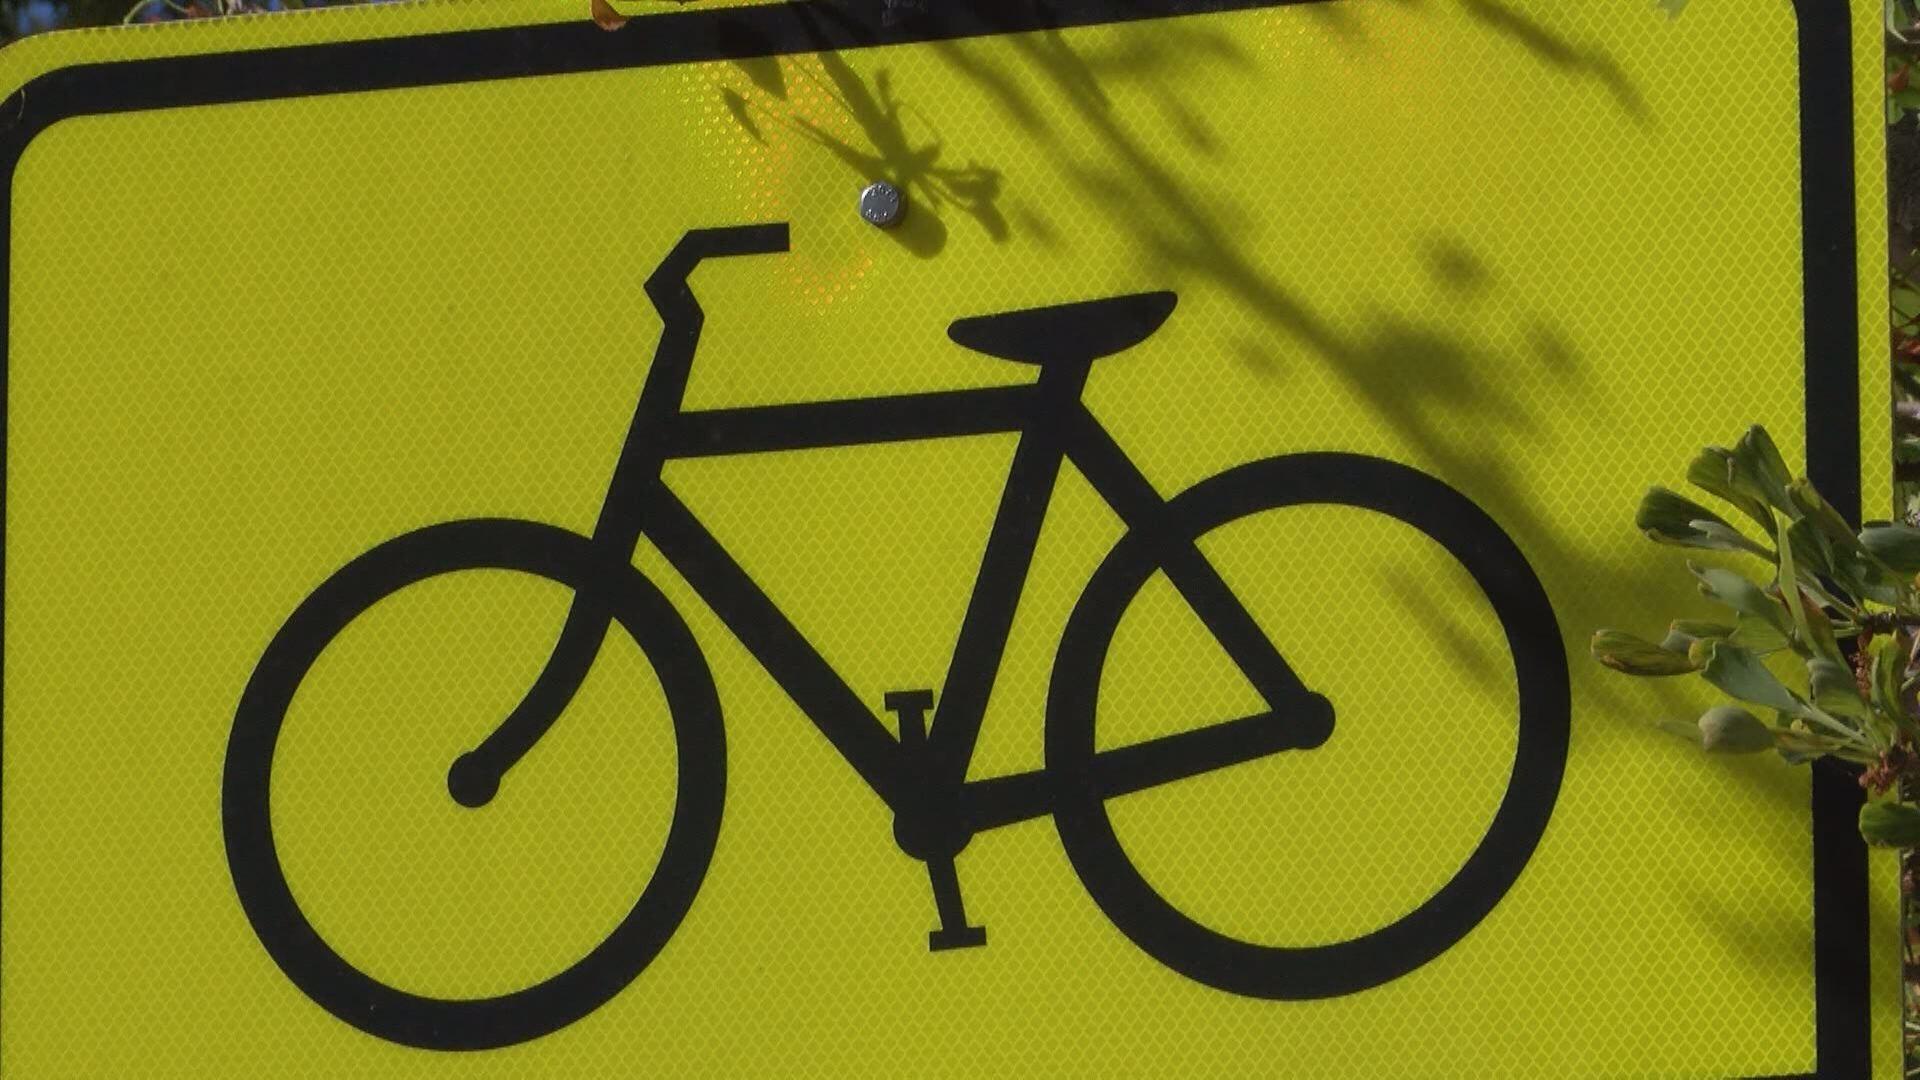 BikeInfra_273679